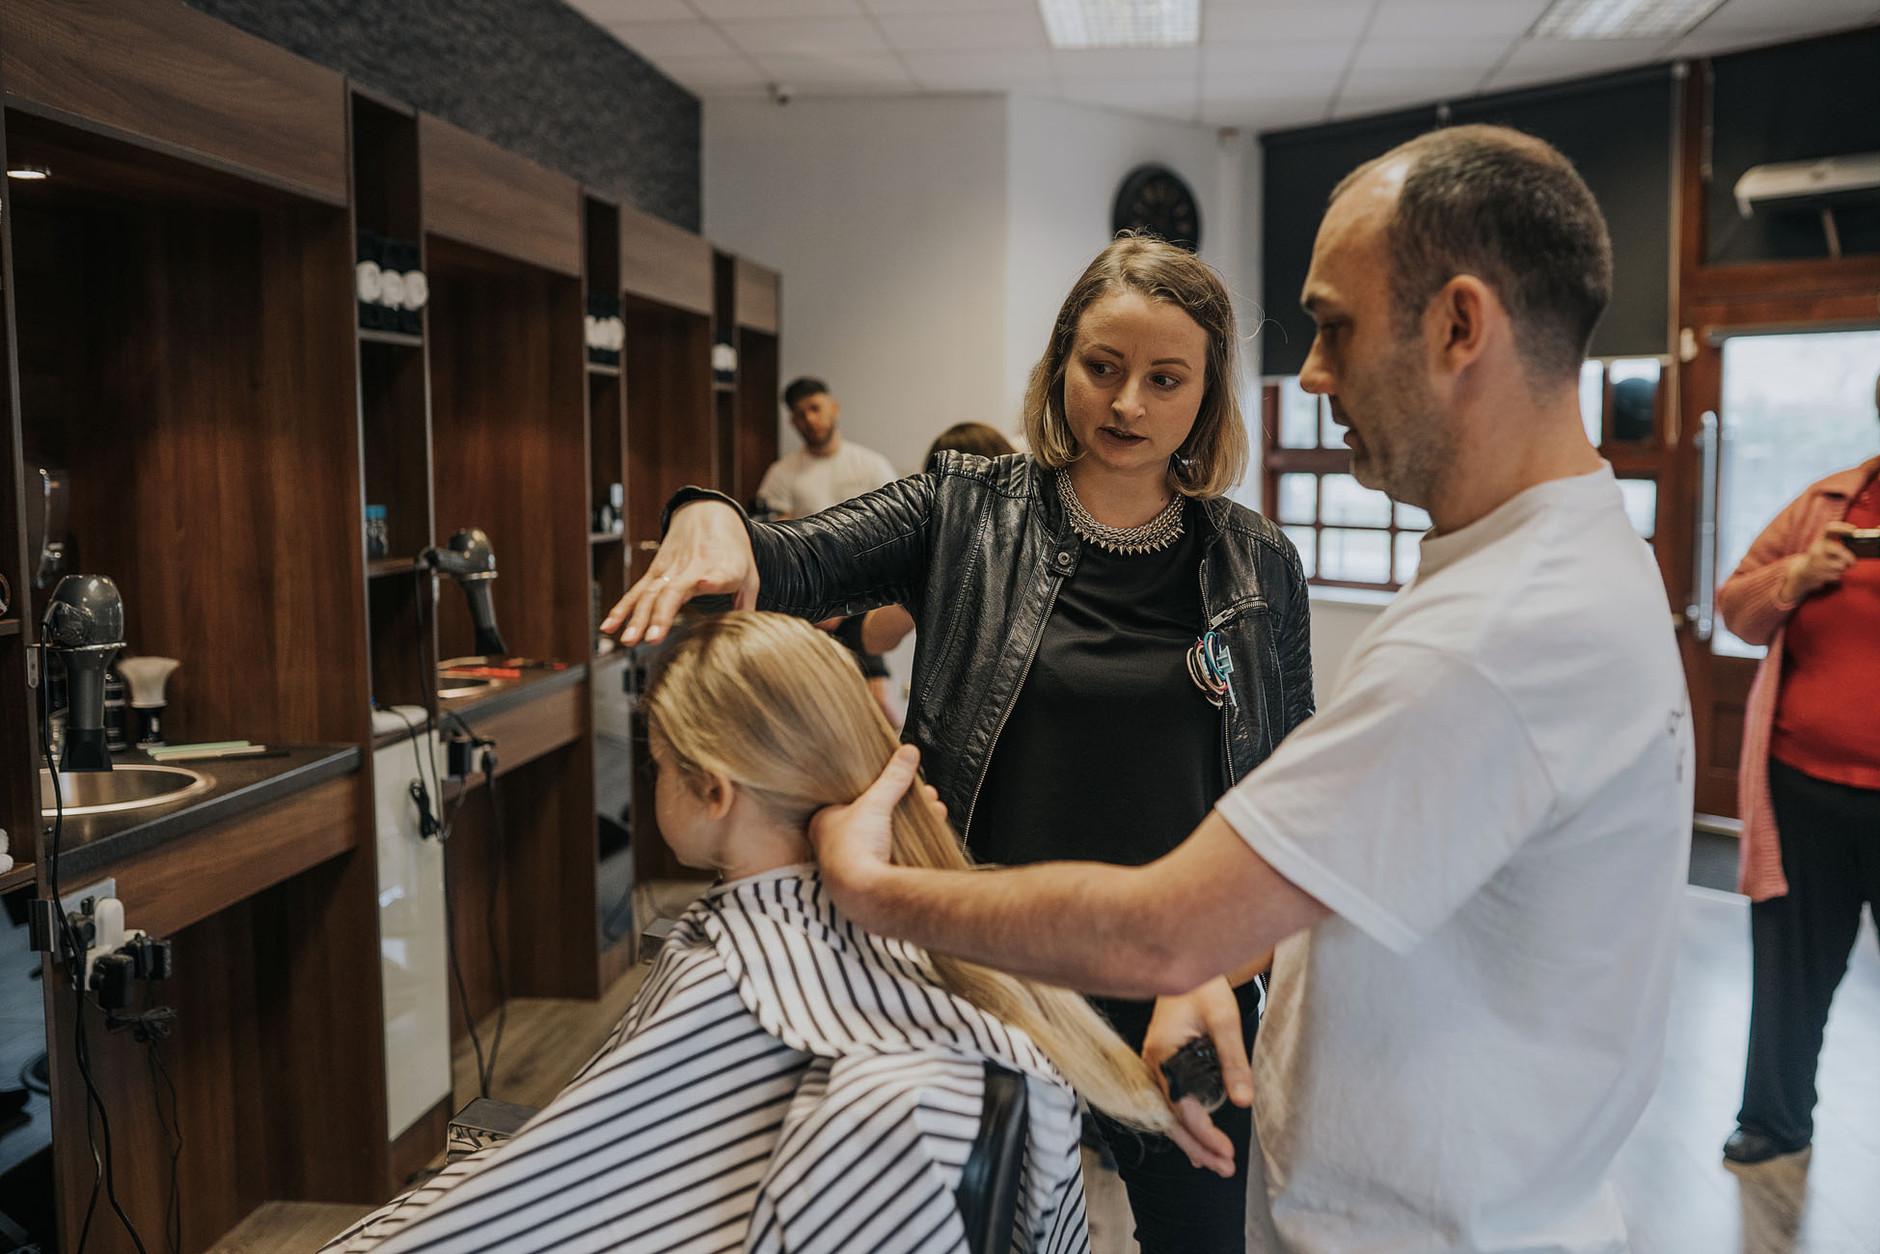 dublin-documentary-family-photography-finn-haircut-0006.jpg